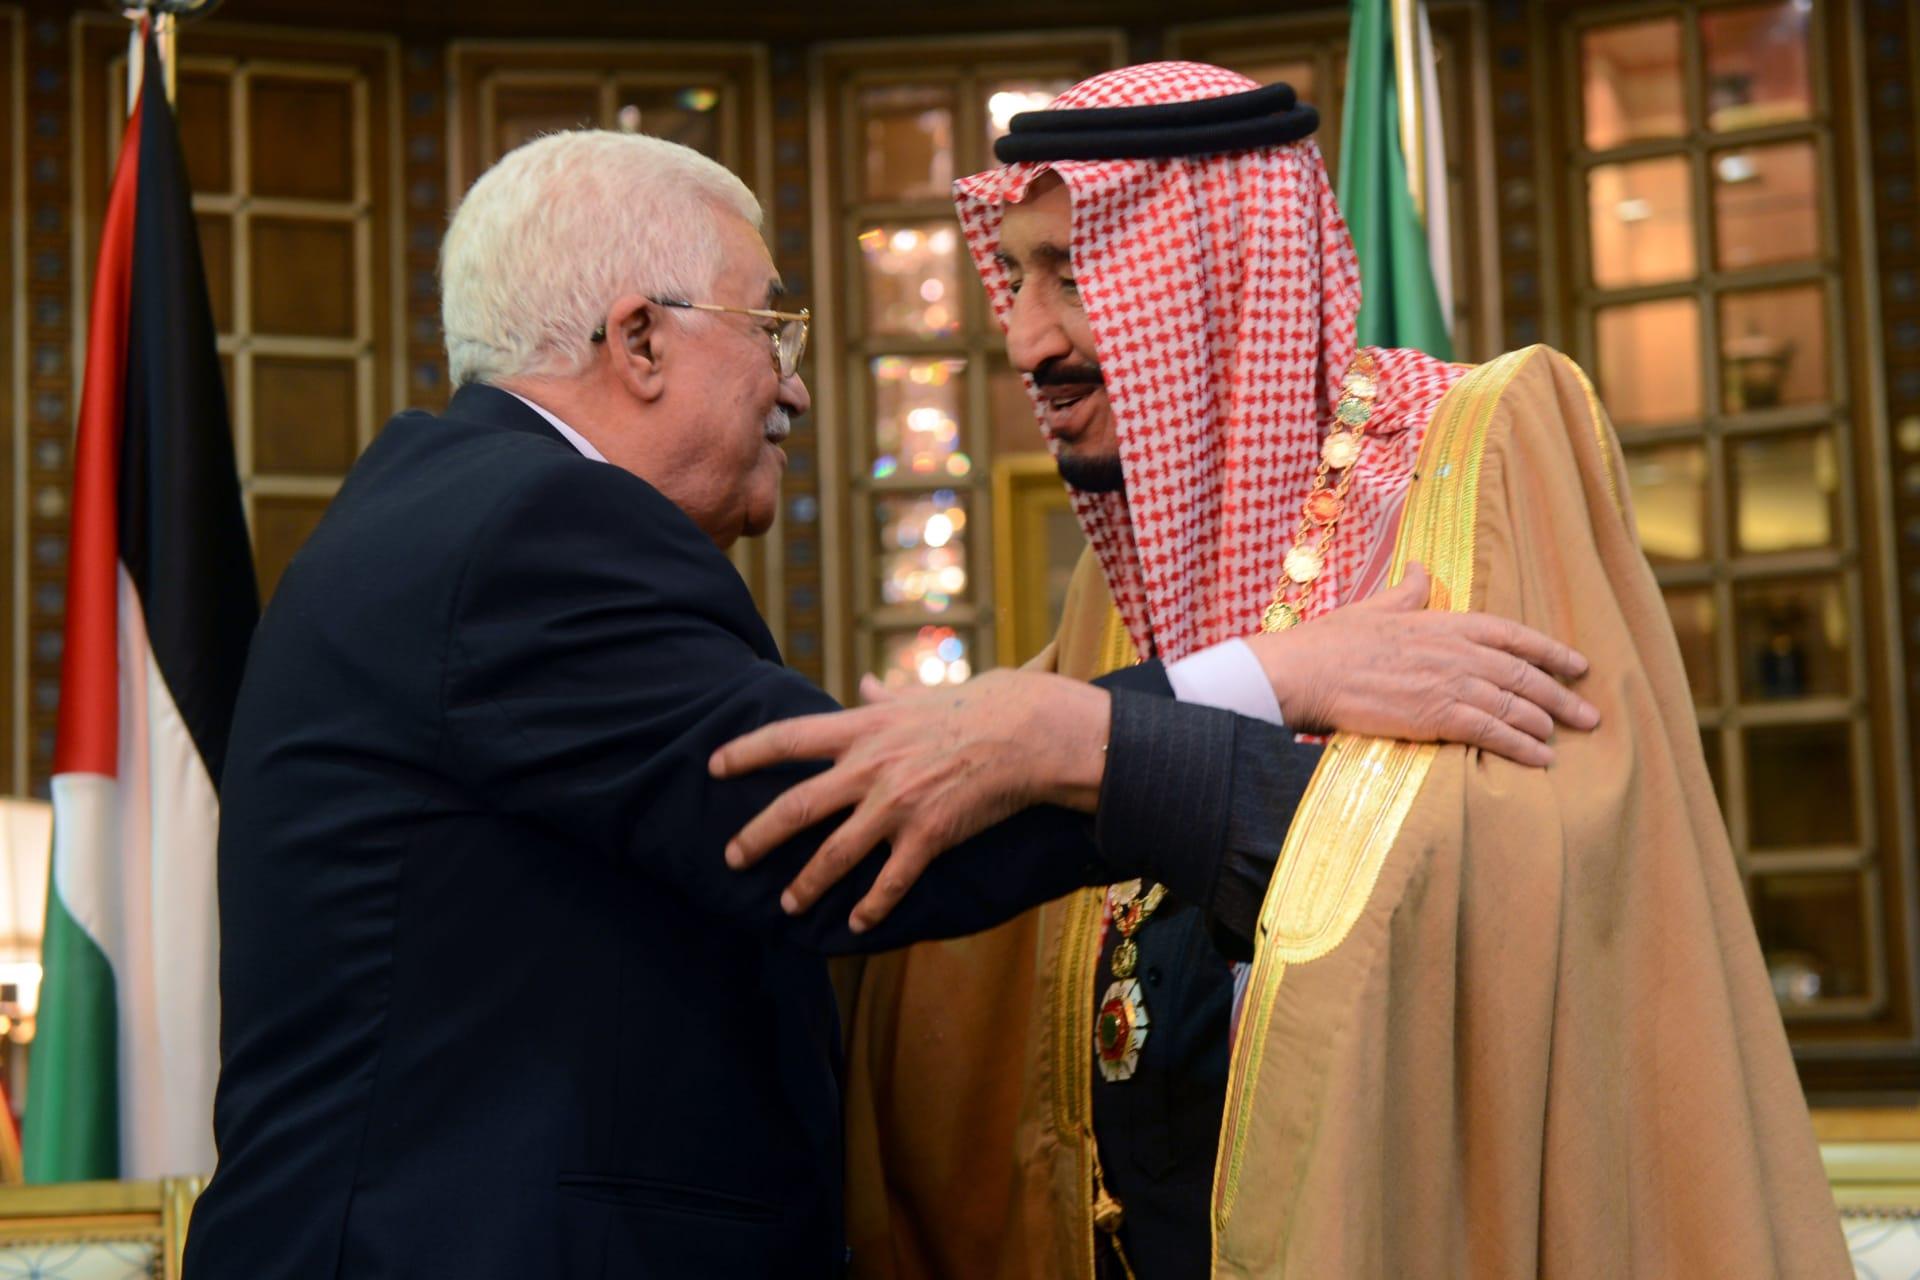 السعودية عن صفقة القرن: نقيم جهود ترامب وندعو لمفاوضات سلام مباشرة برعاية أمريكية